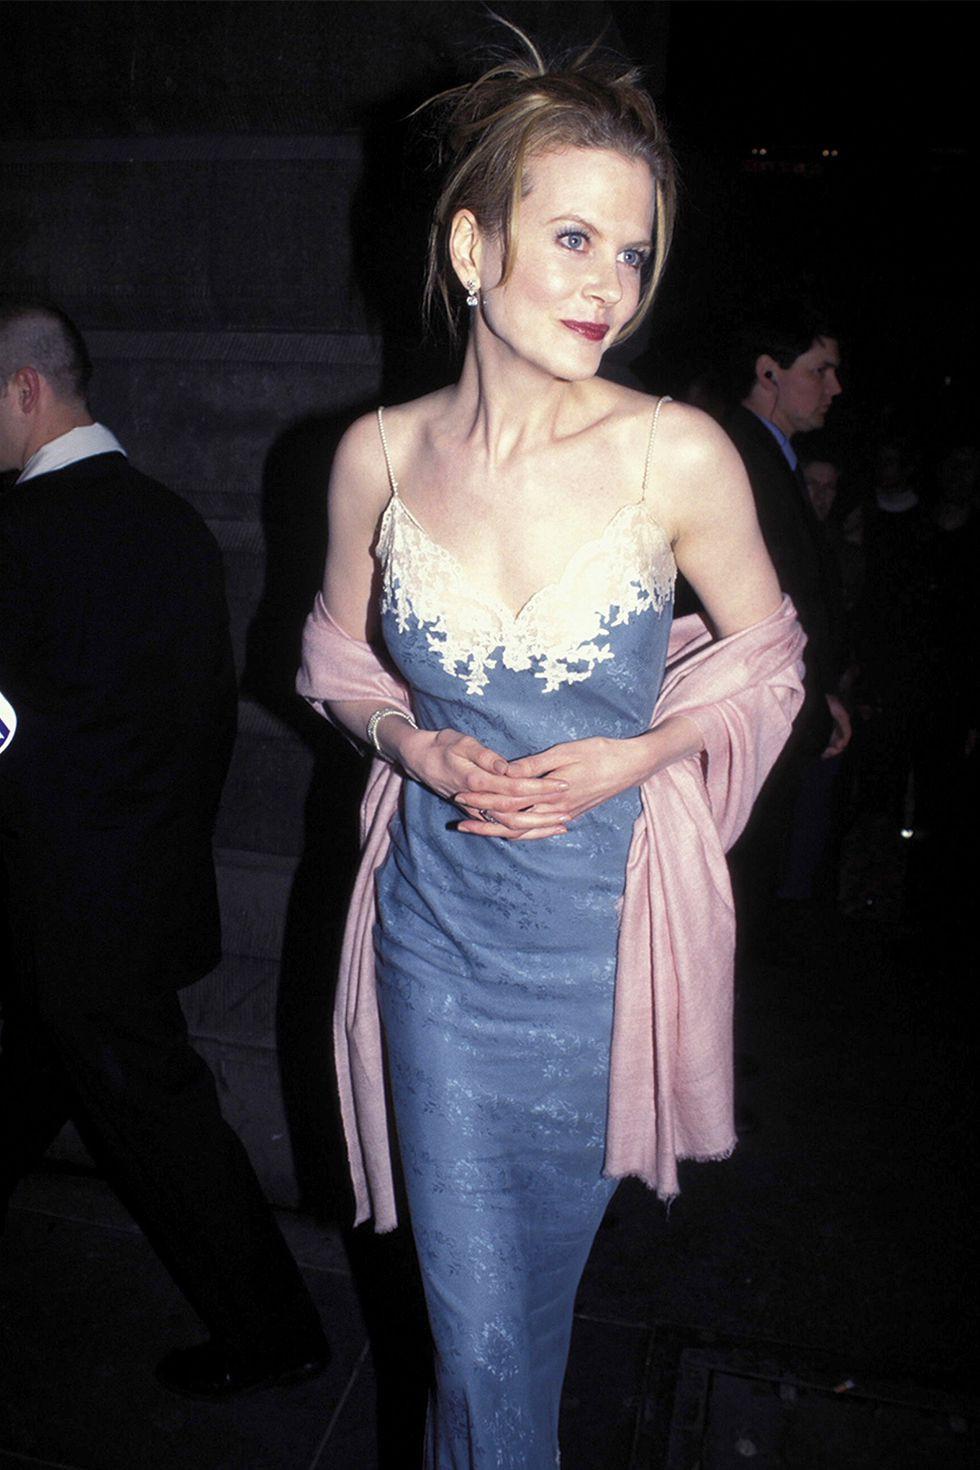 Nhan sắc hàng đầu Hollywood toát lên khí chất của một nữ thần đích thực trong chiếc đầm và khăn choàng tông màu tím trang nhã, sang trọng.